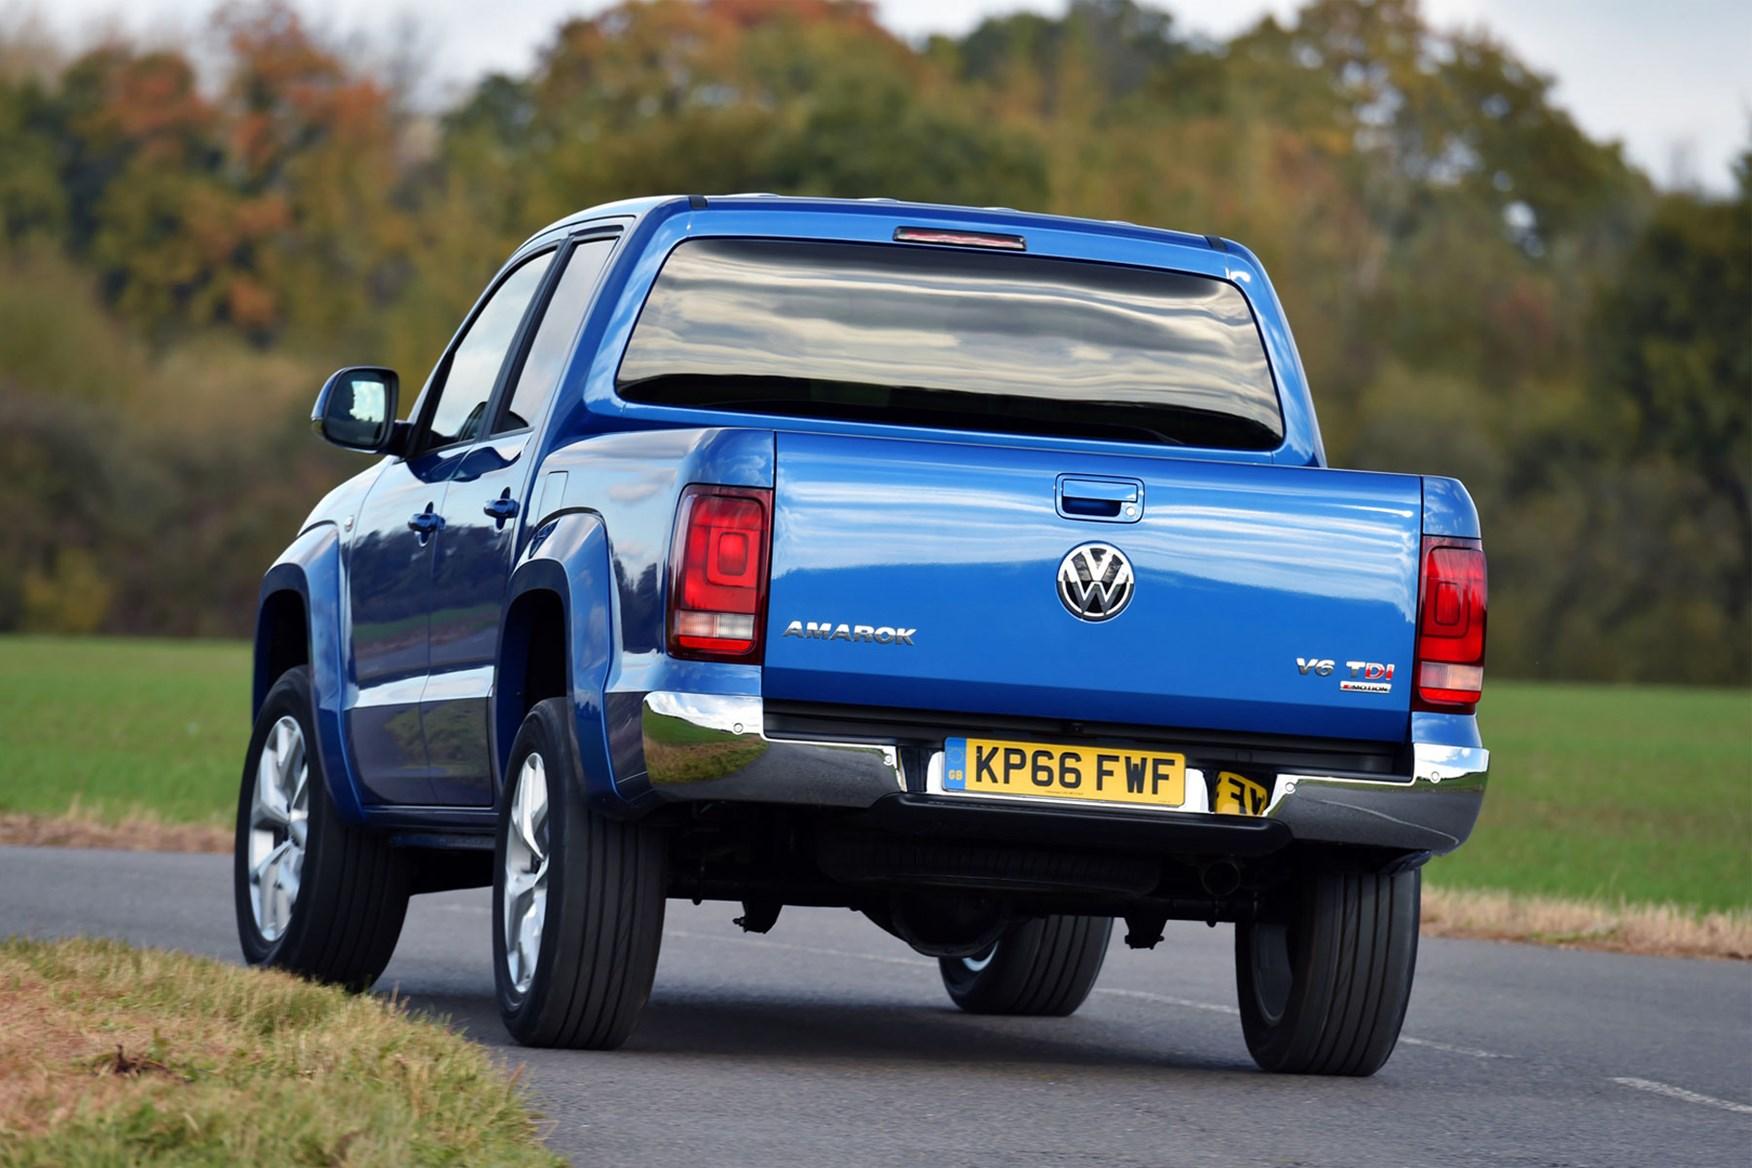 VW Amarok V6 cornering